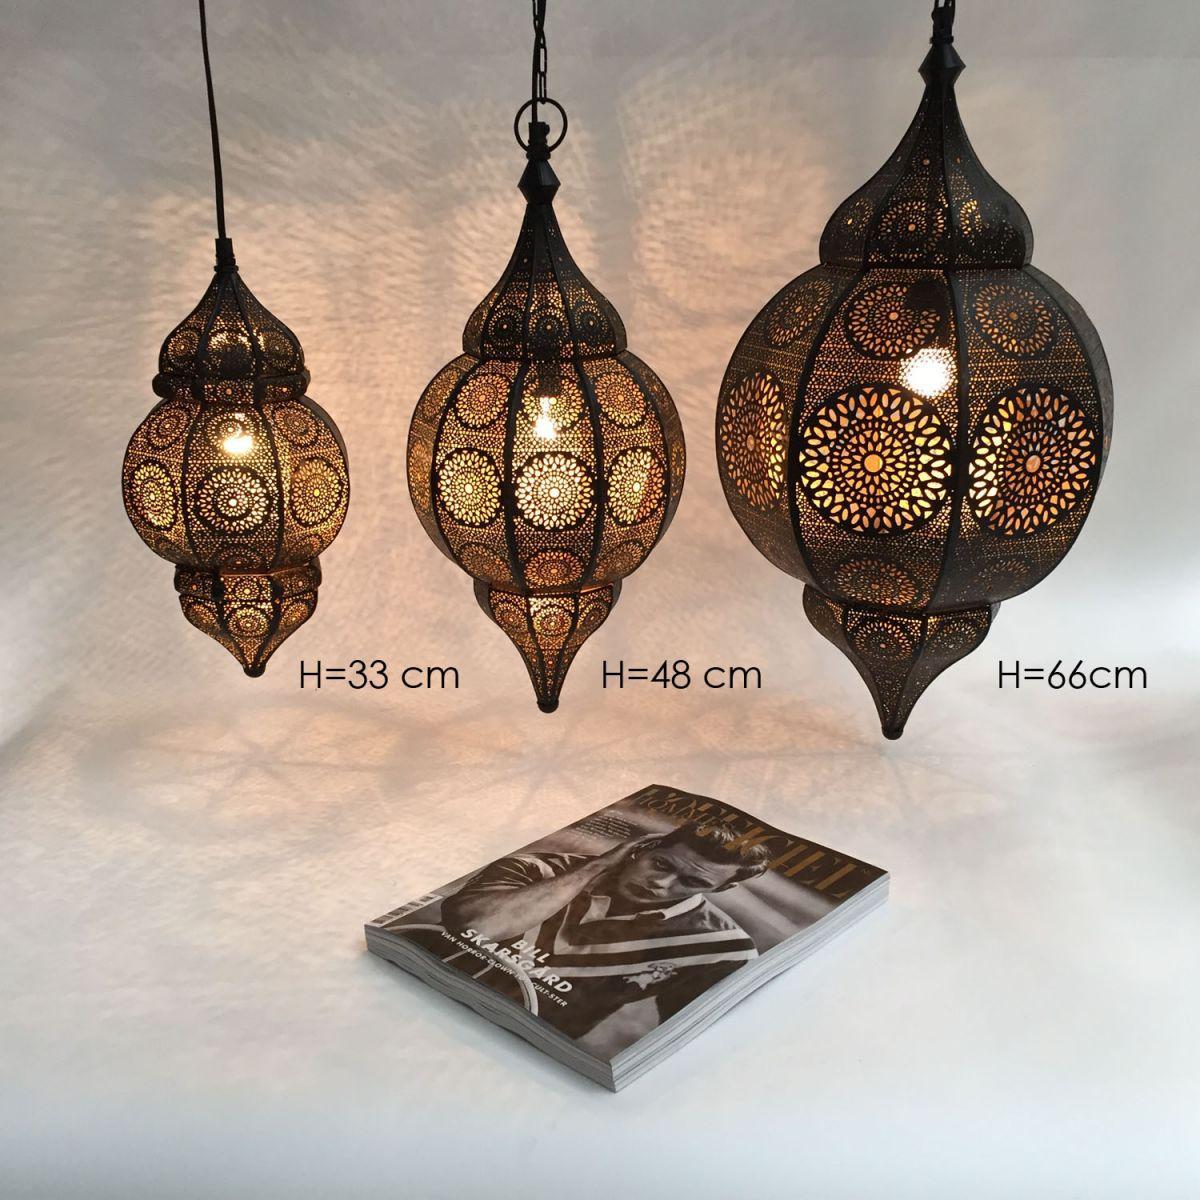 hanglamp oosters filigrain zwart goud hg 66 32 cm